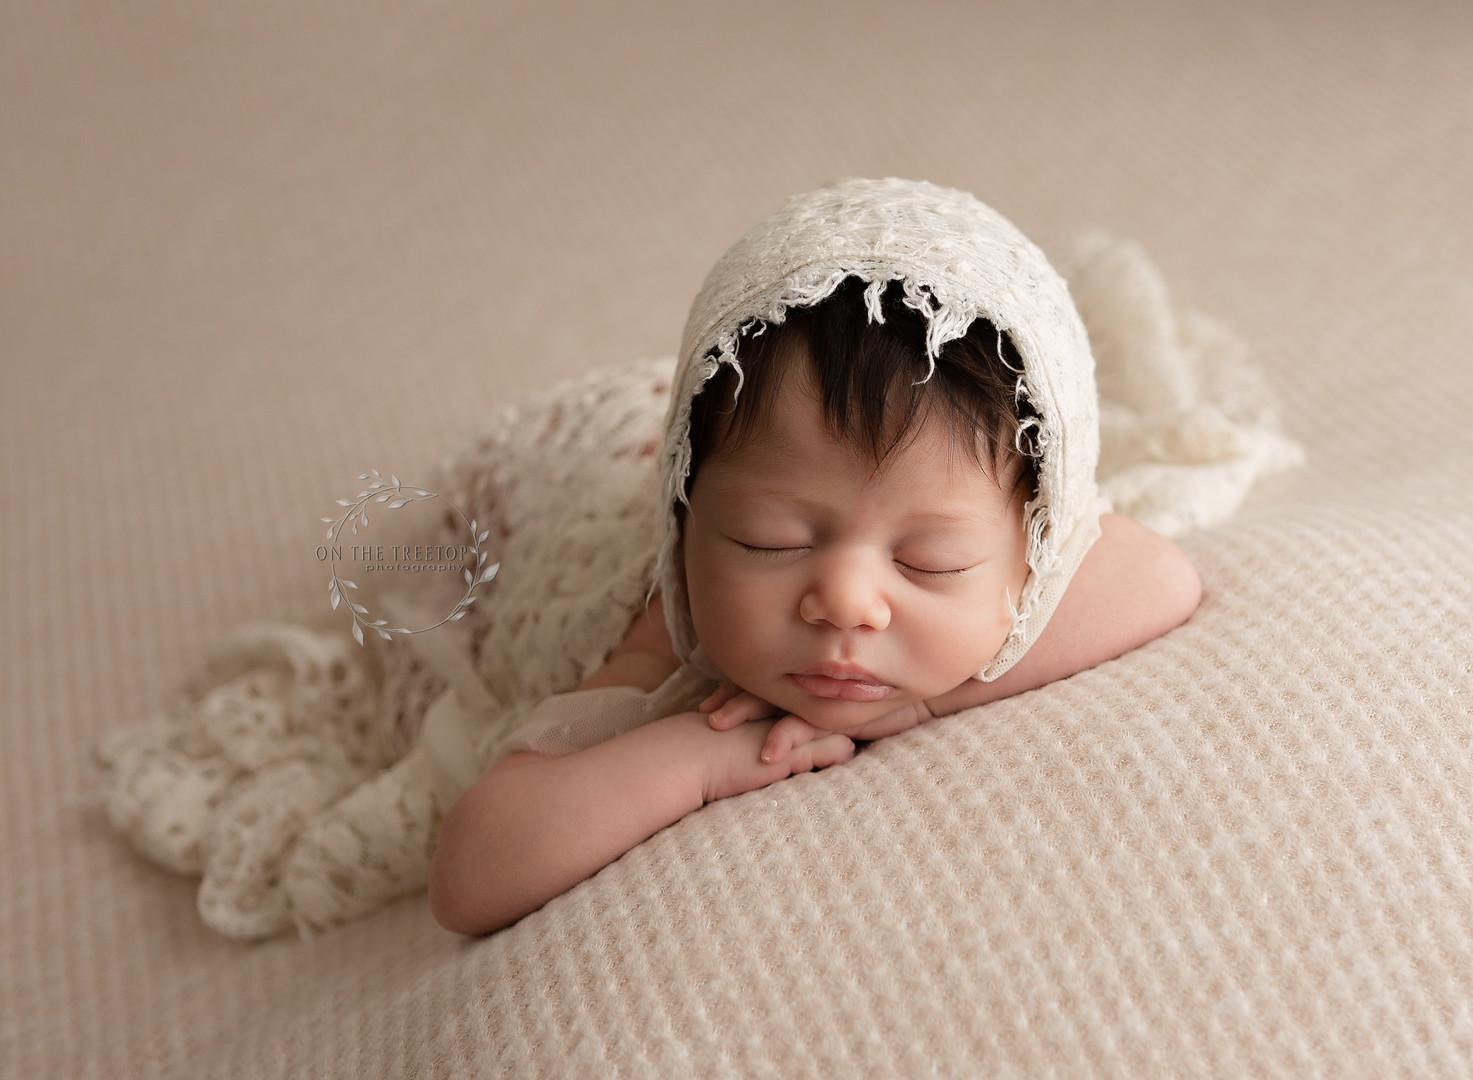 newborn-photographer-forward-facing-pose